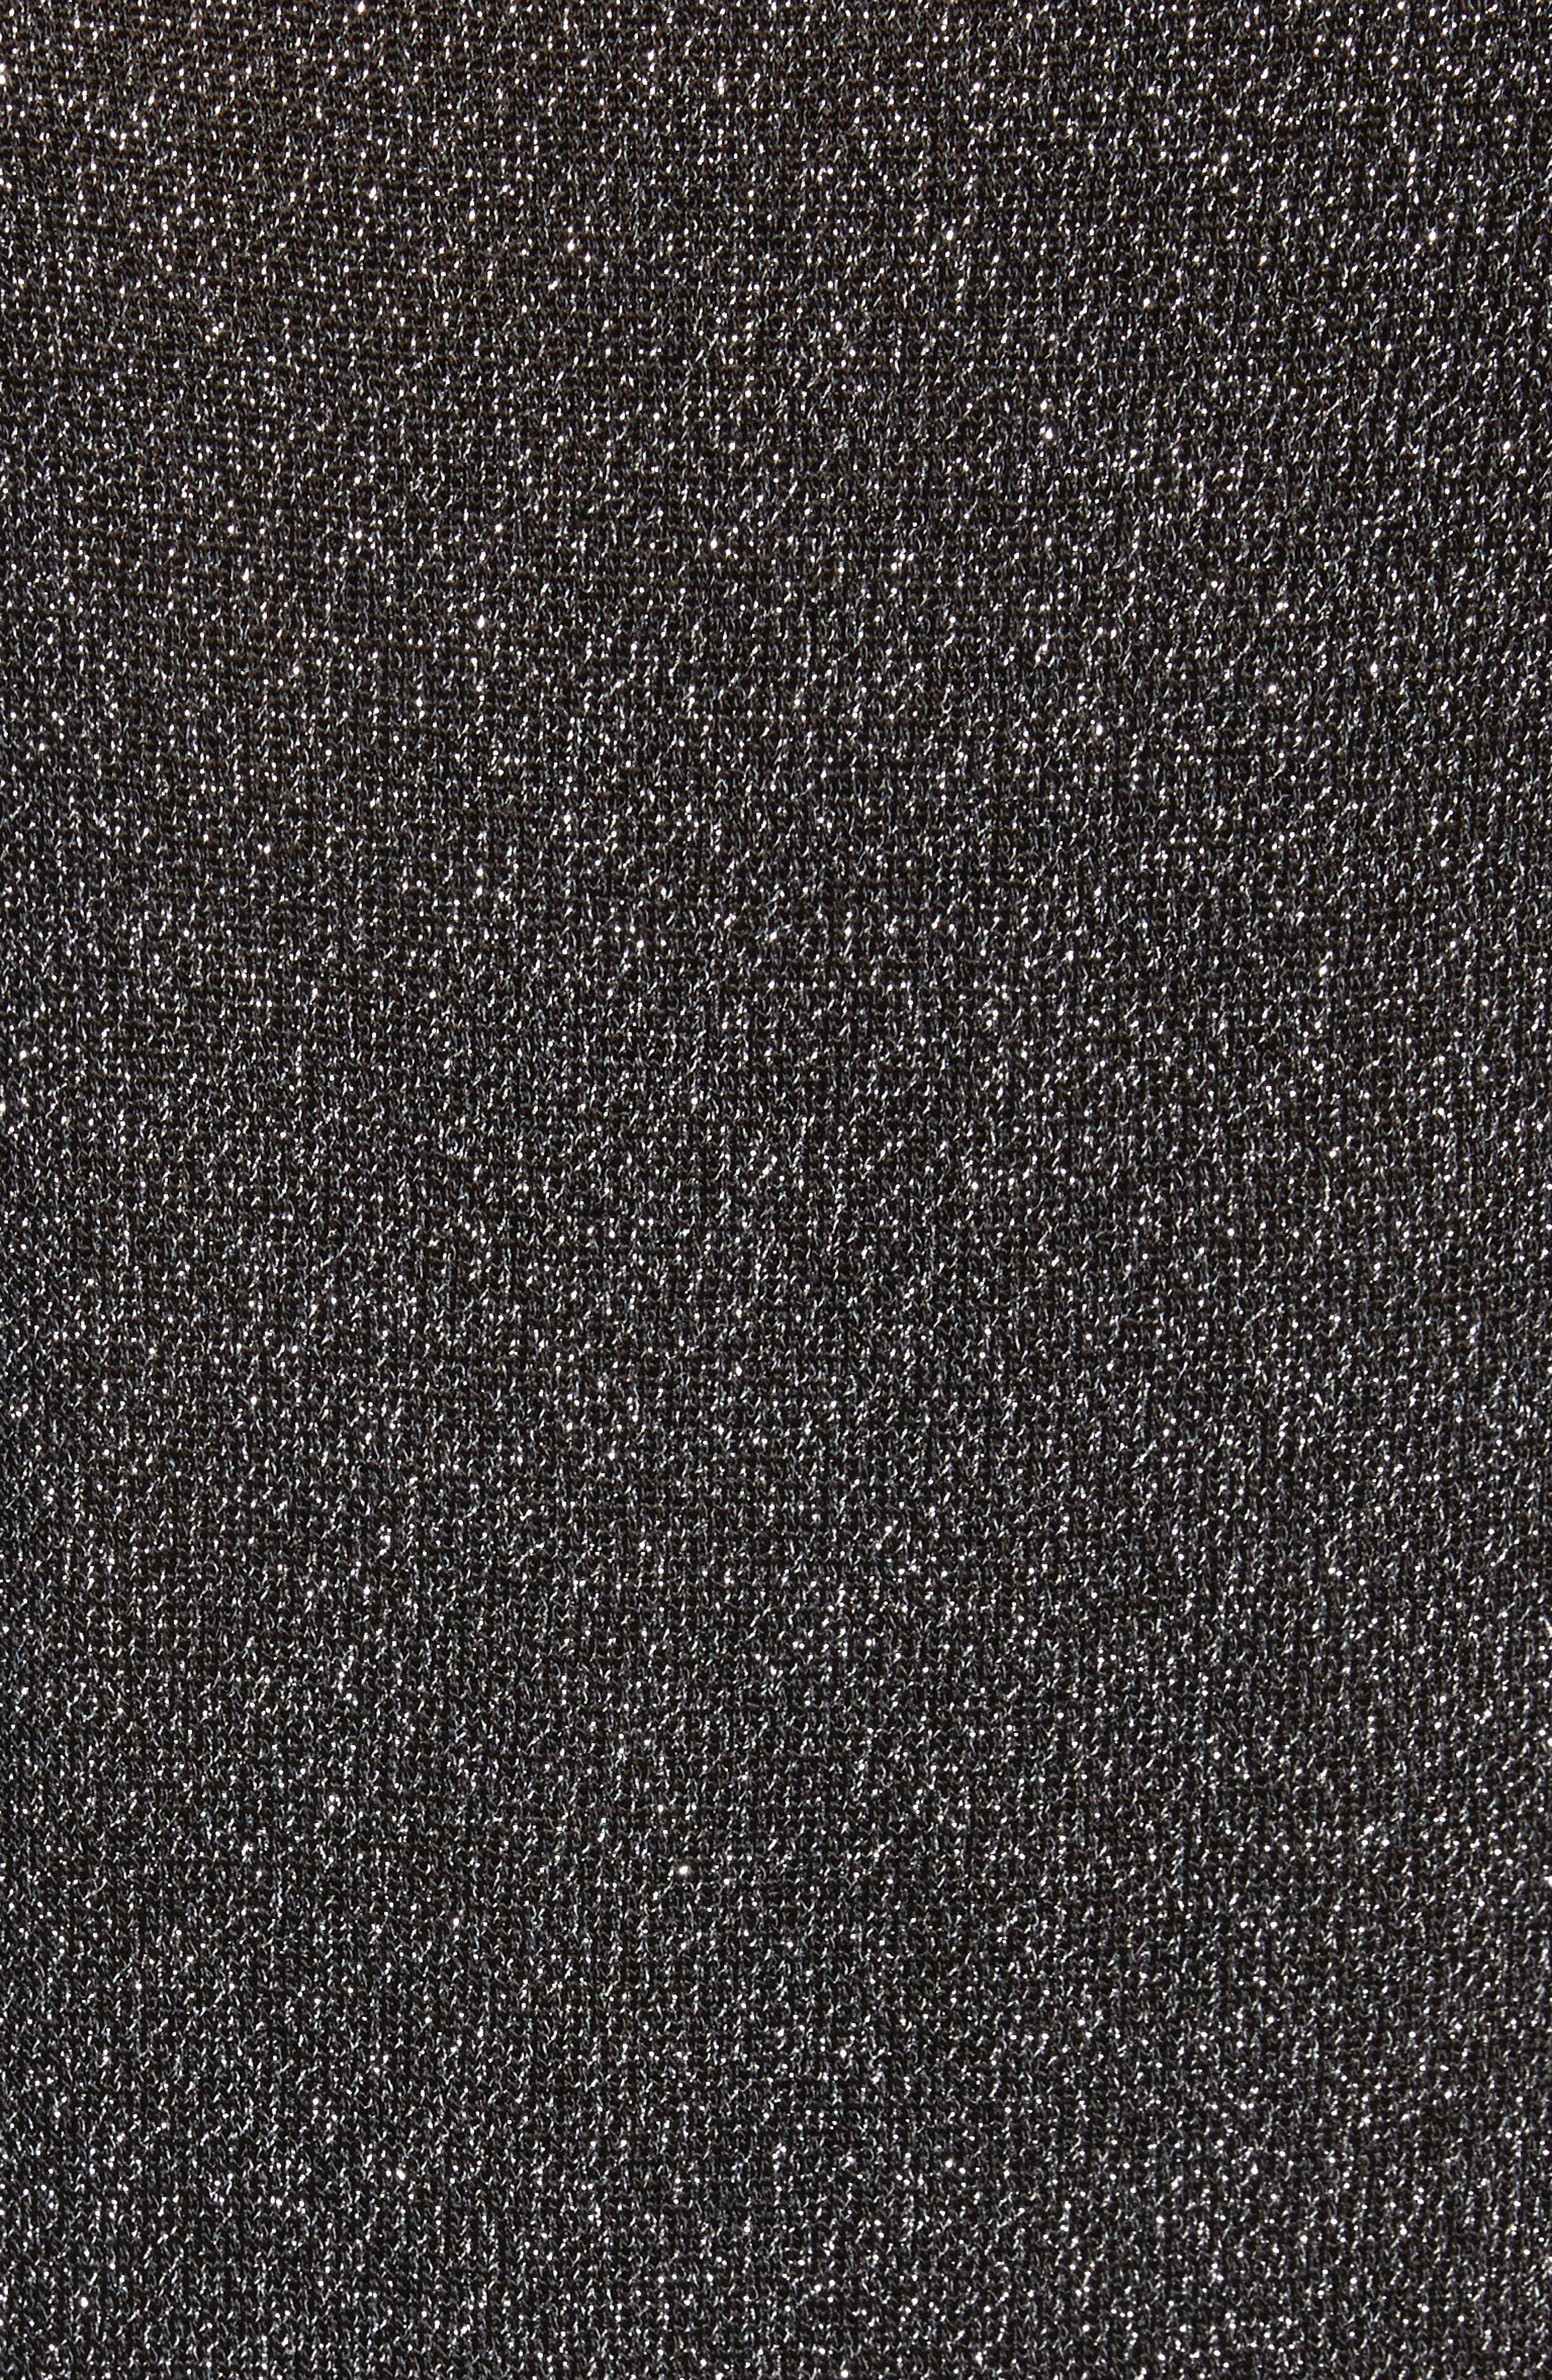 Alternate Image 5  - Michael Kors Metallic Knit Raglan Pullover